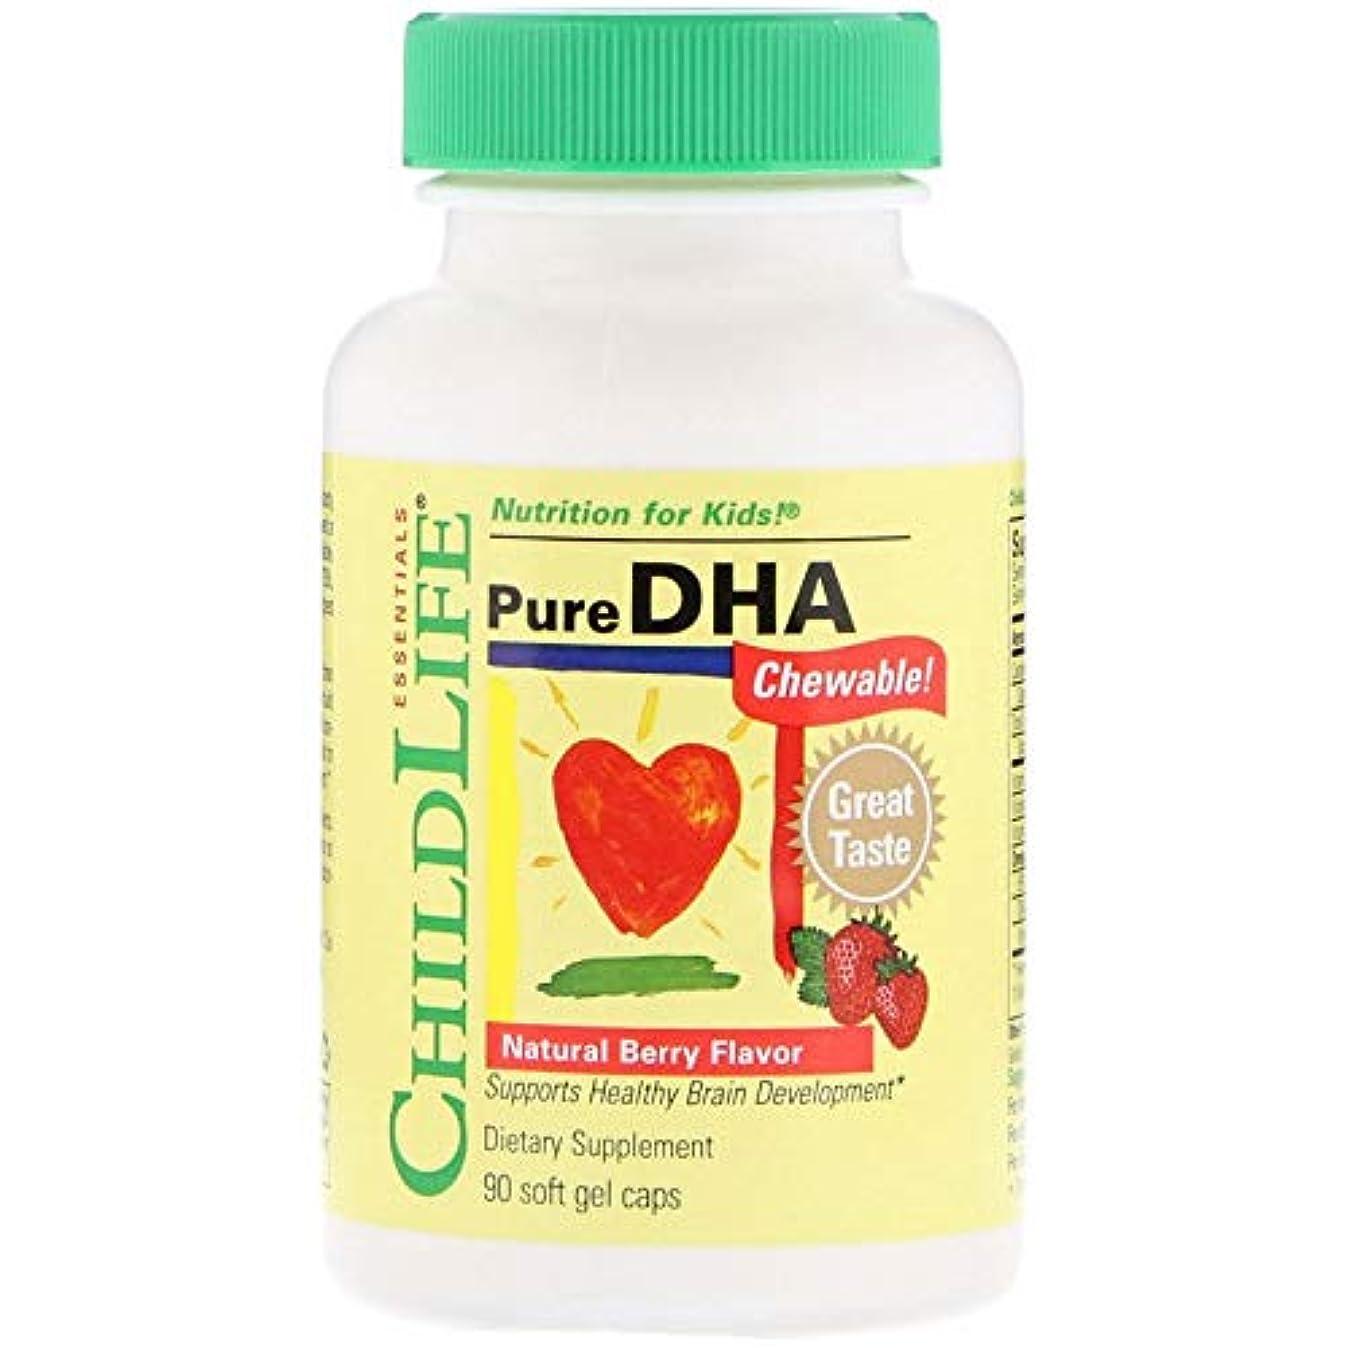 報酬の上院ゴム海外並行輸入品Child Life Essentials Pure Dha, 3 PACK X 90 Softgels 250 mg